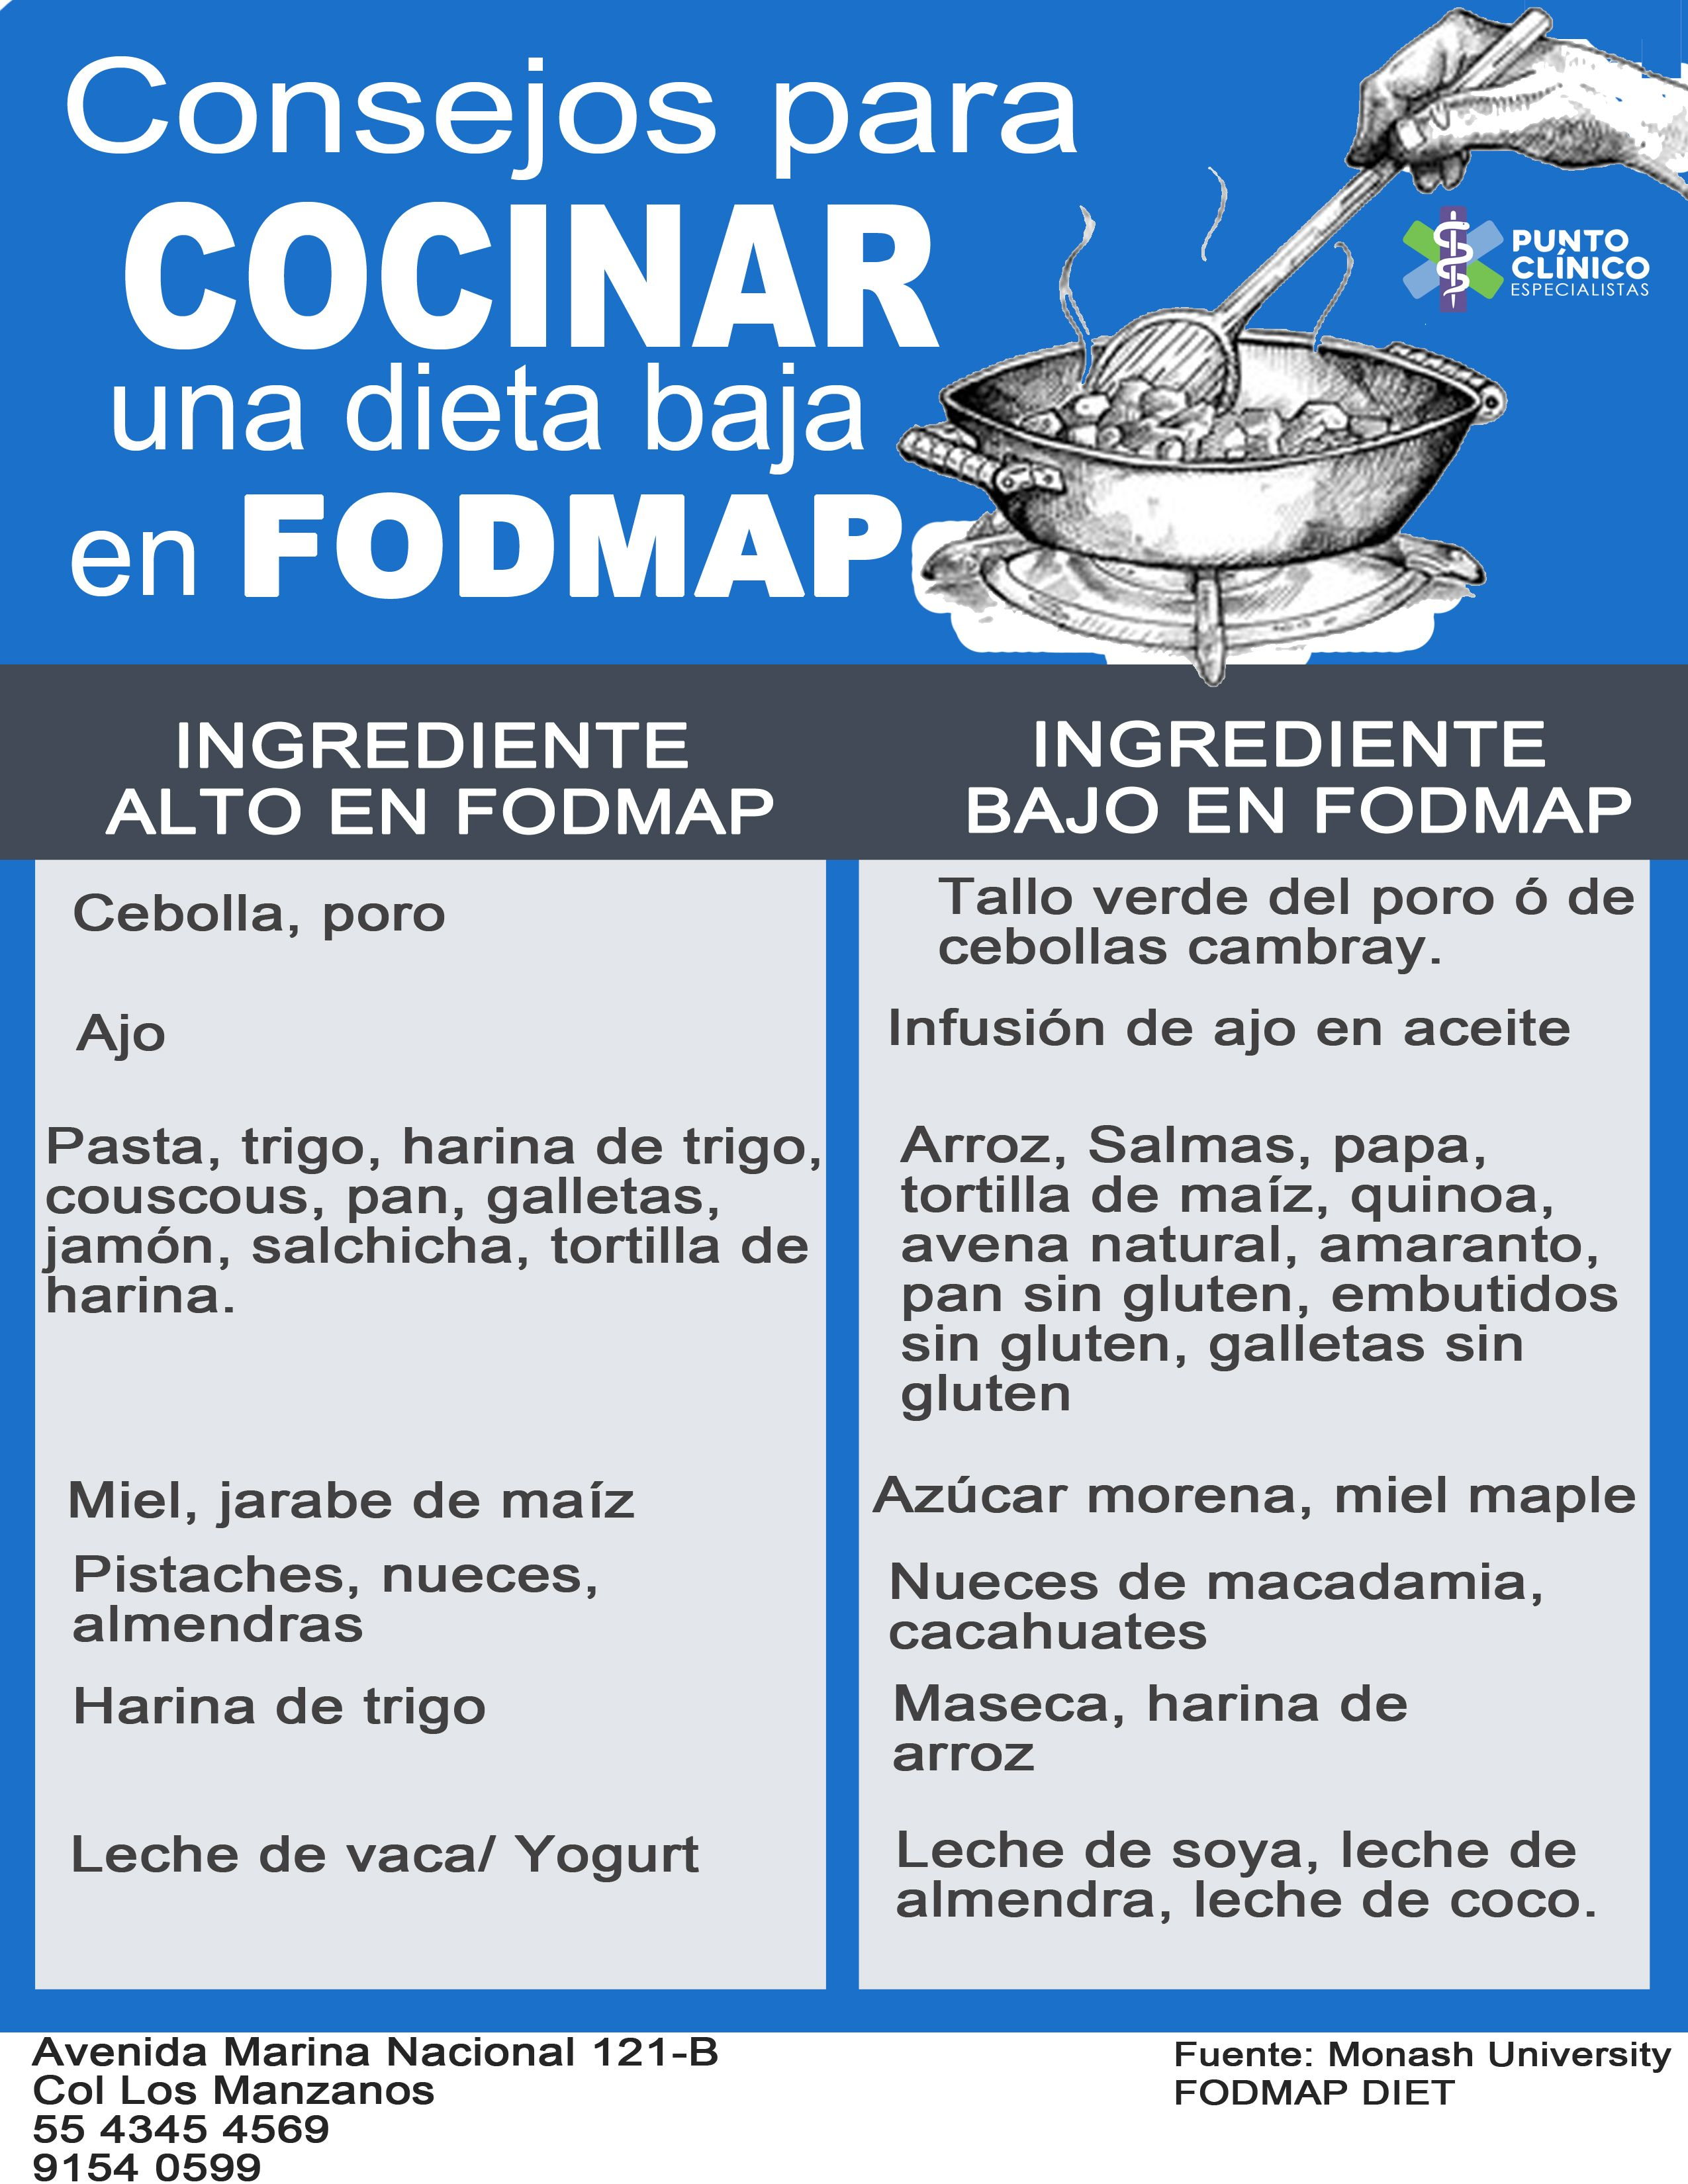 Como Seguir Una Dieta Fodmap Para Controlar El Sindrome De Colon